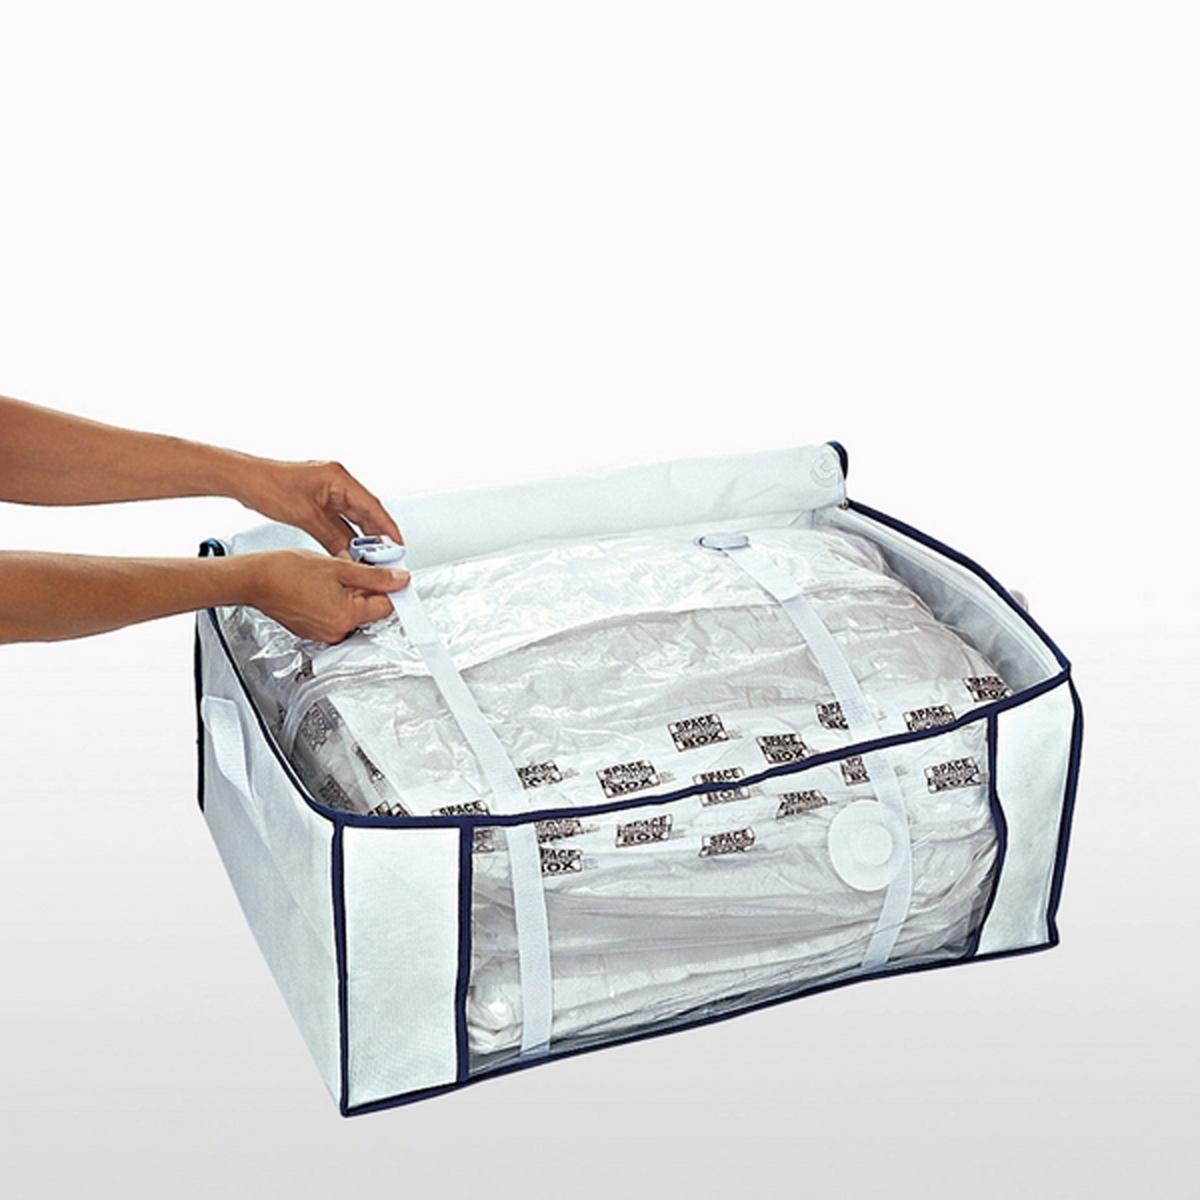 Чехол вакуумный, Ш.62 x В.27 x Г.49,5 смОписание вакуумного чехла :Пакет с защитным чехлом внутри просто необходим для организации хранения Ваших вещей, одеял, покрывал и подушек.Всасывание воздуха пылесосом.2 стягивающих ремня для удержания вещей в сжатом состоянии.Характеристики вакуумного чехла :Нетканый материалВнутренний пакет из прозрачного пластикаЗастежка на молнию.Размеры вакуумного чехла :Ш.62 x В.27 x Г.49,5 см, размеры внутреннего пакета : Ш.109 x В.97 x Г.48 см.<br><br>Цвет: белый